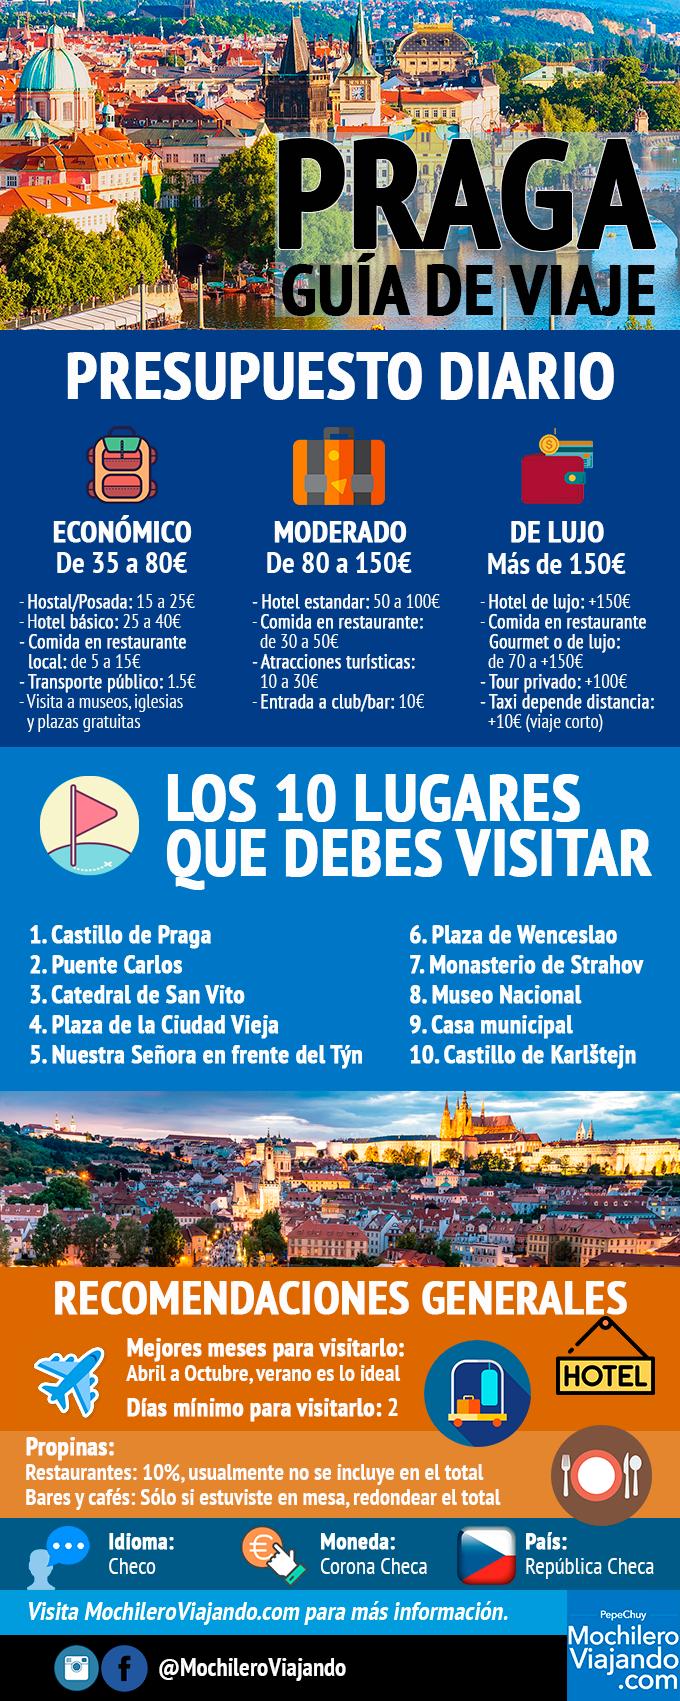 Praga: Guía de viaje